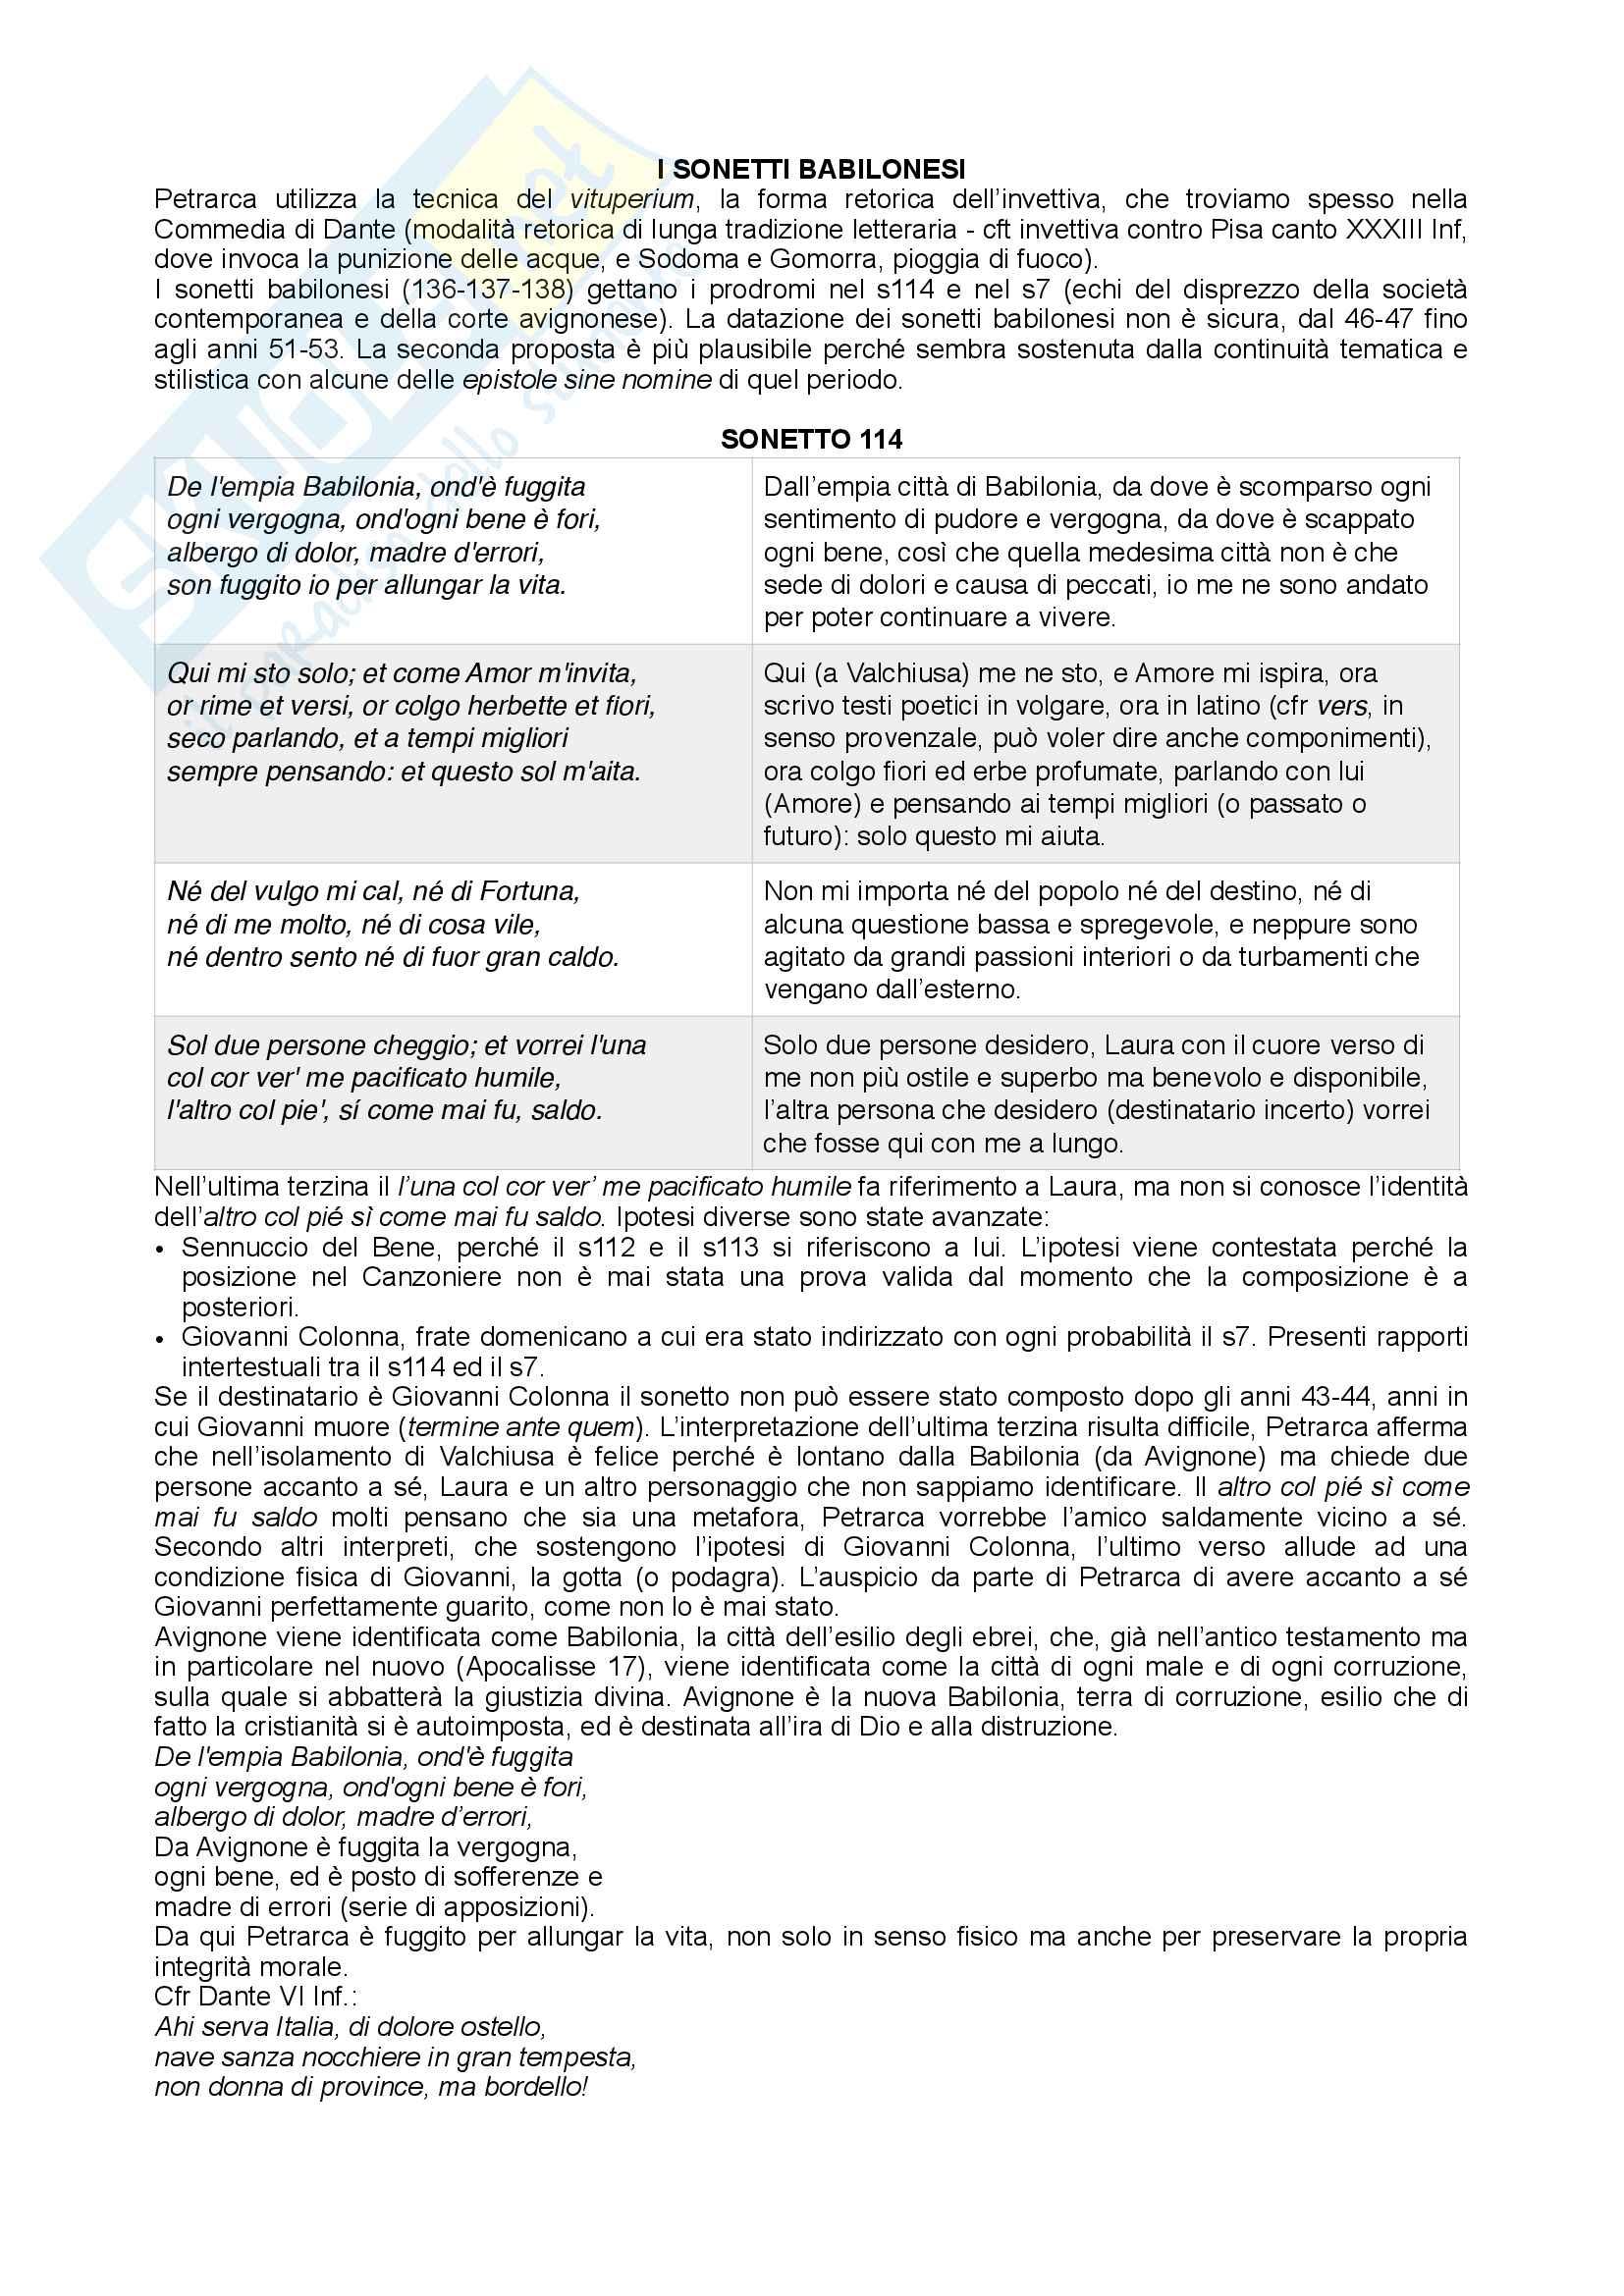 Appunti di letteratura italiana (Petrarca, Il Canzoniere) Pag. 41